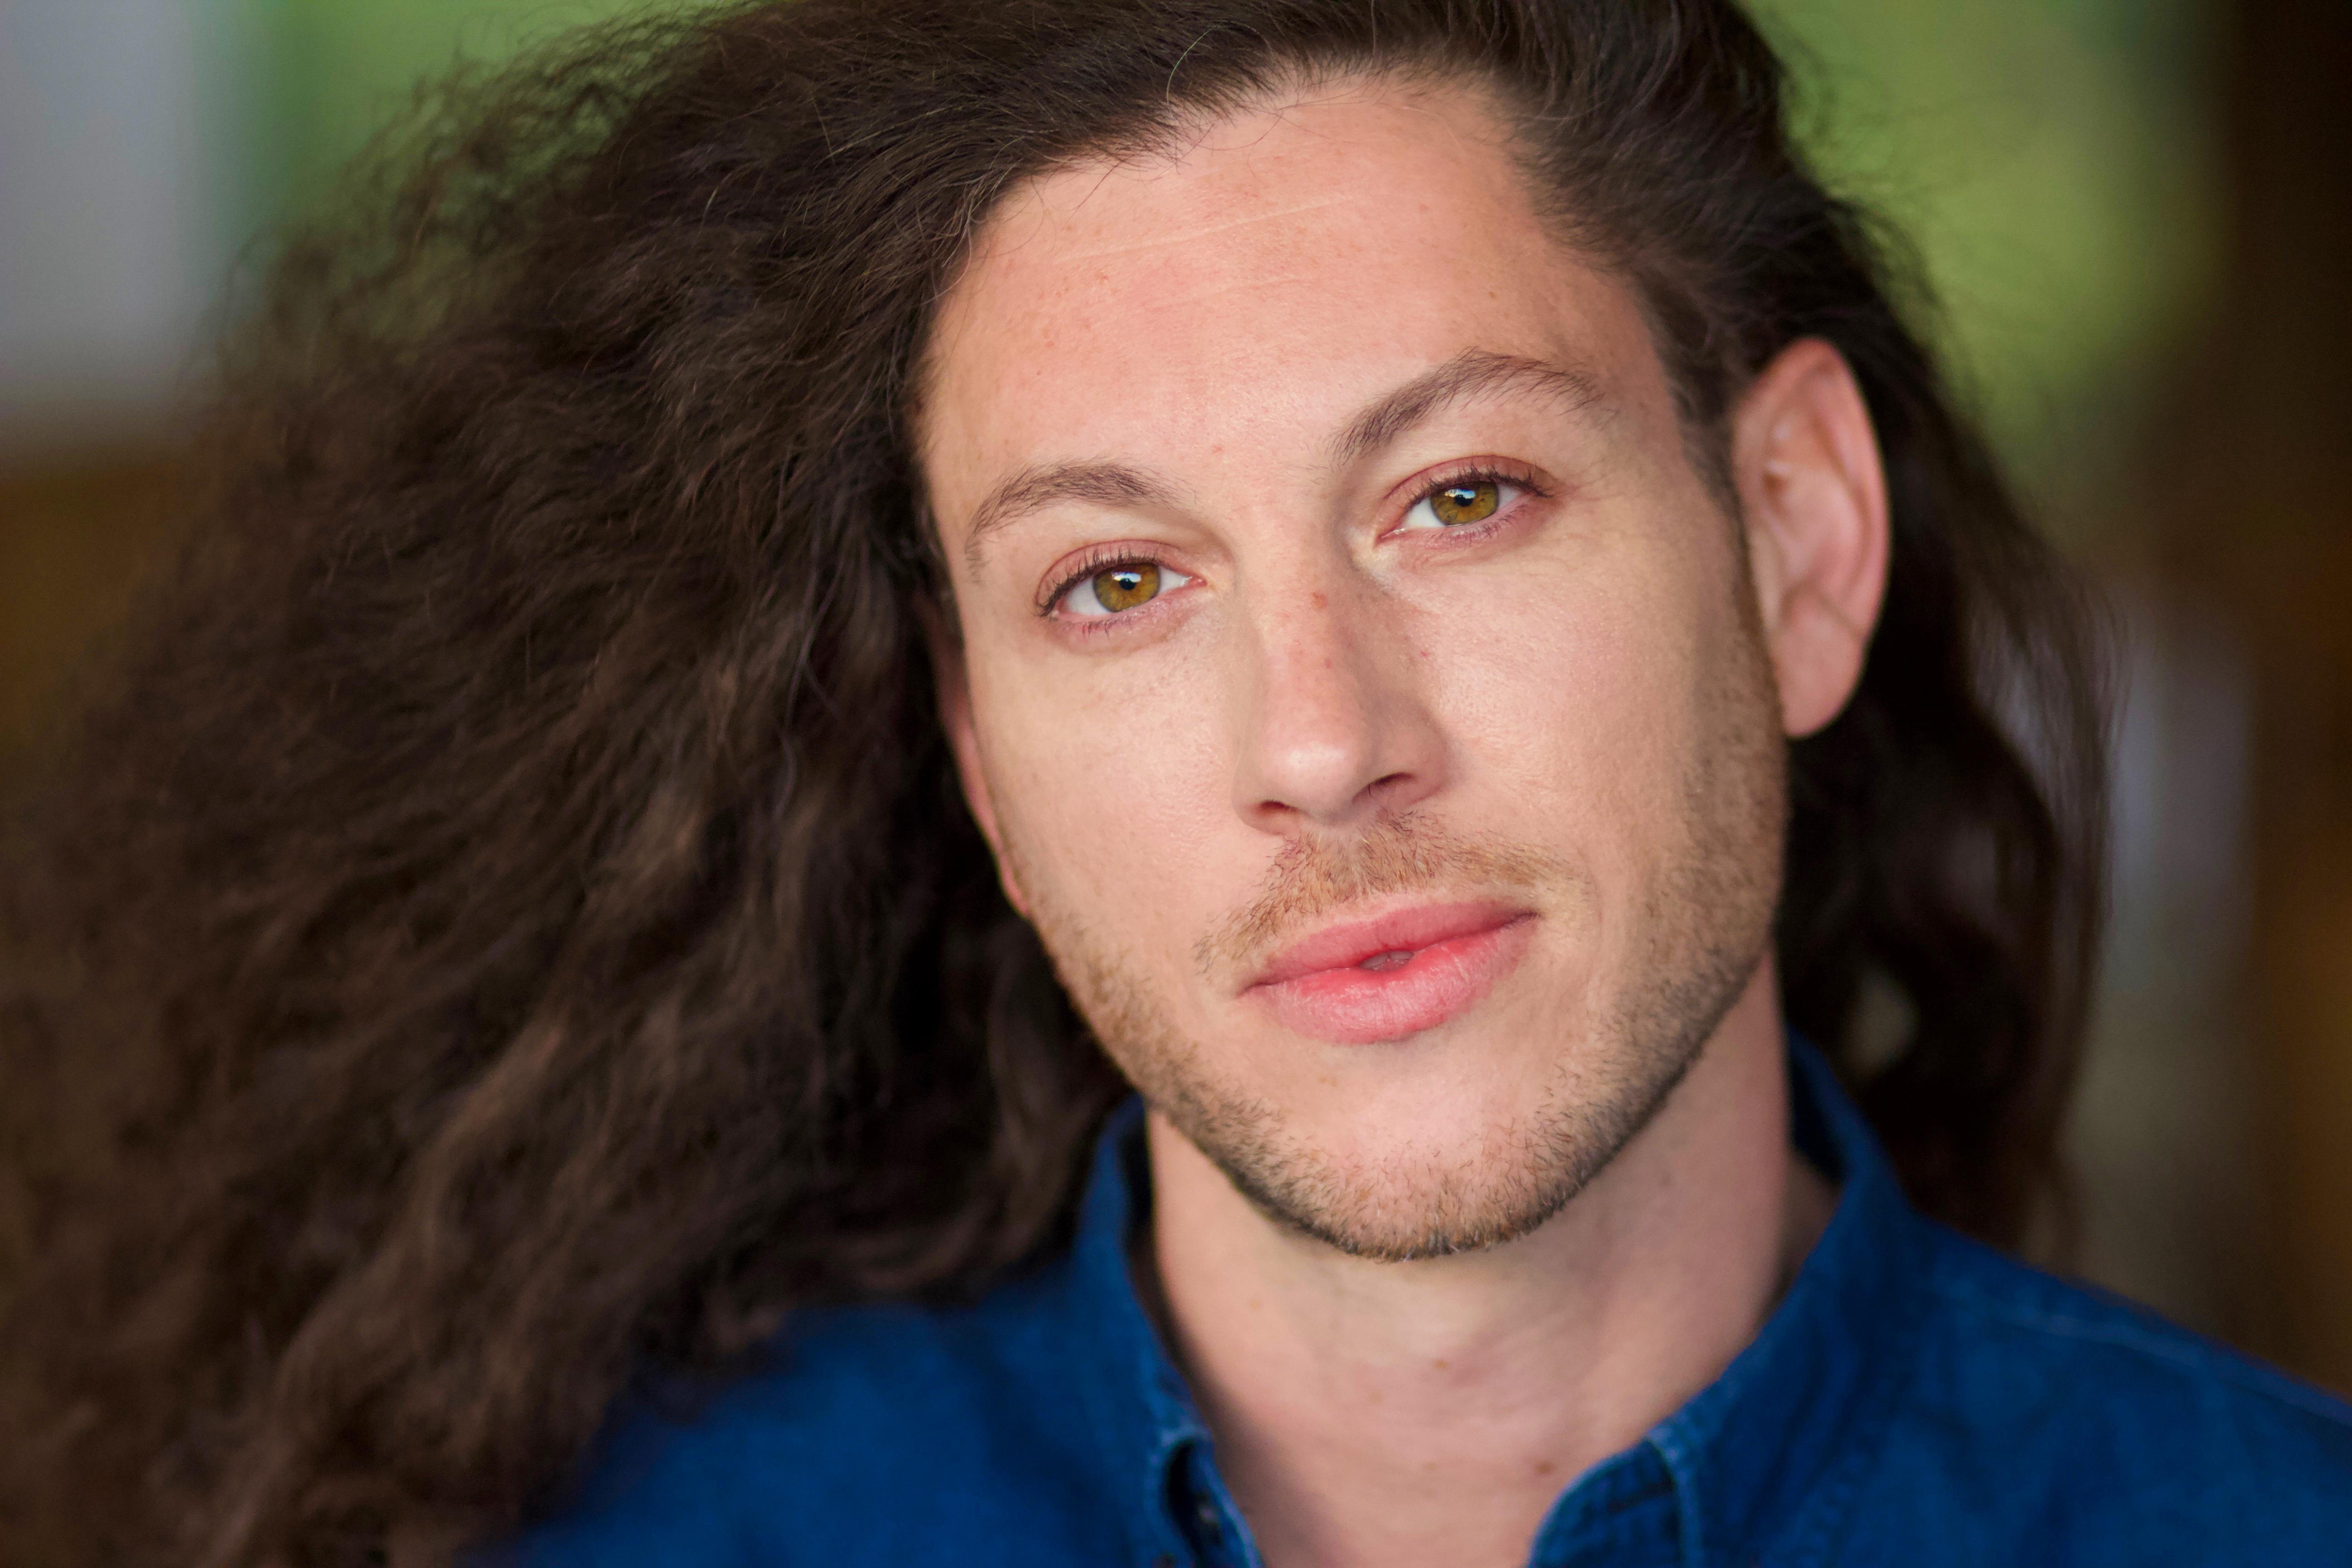 Jordan Vincent